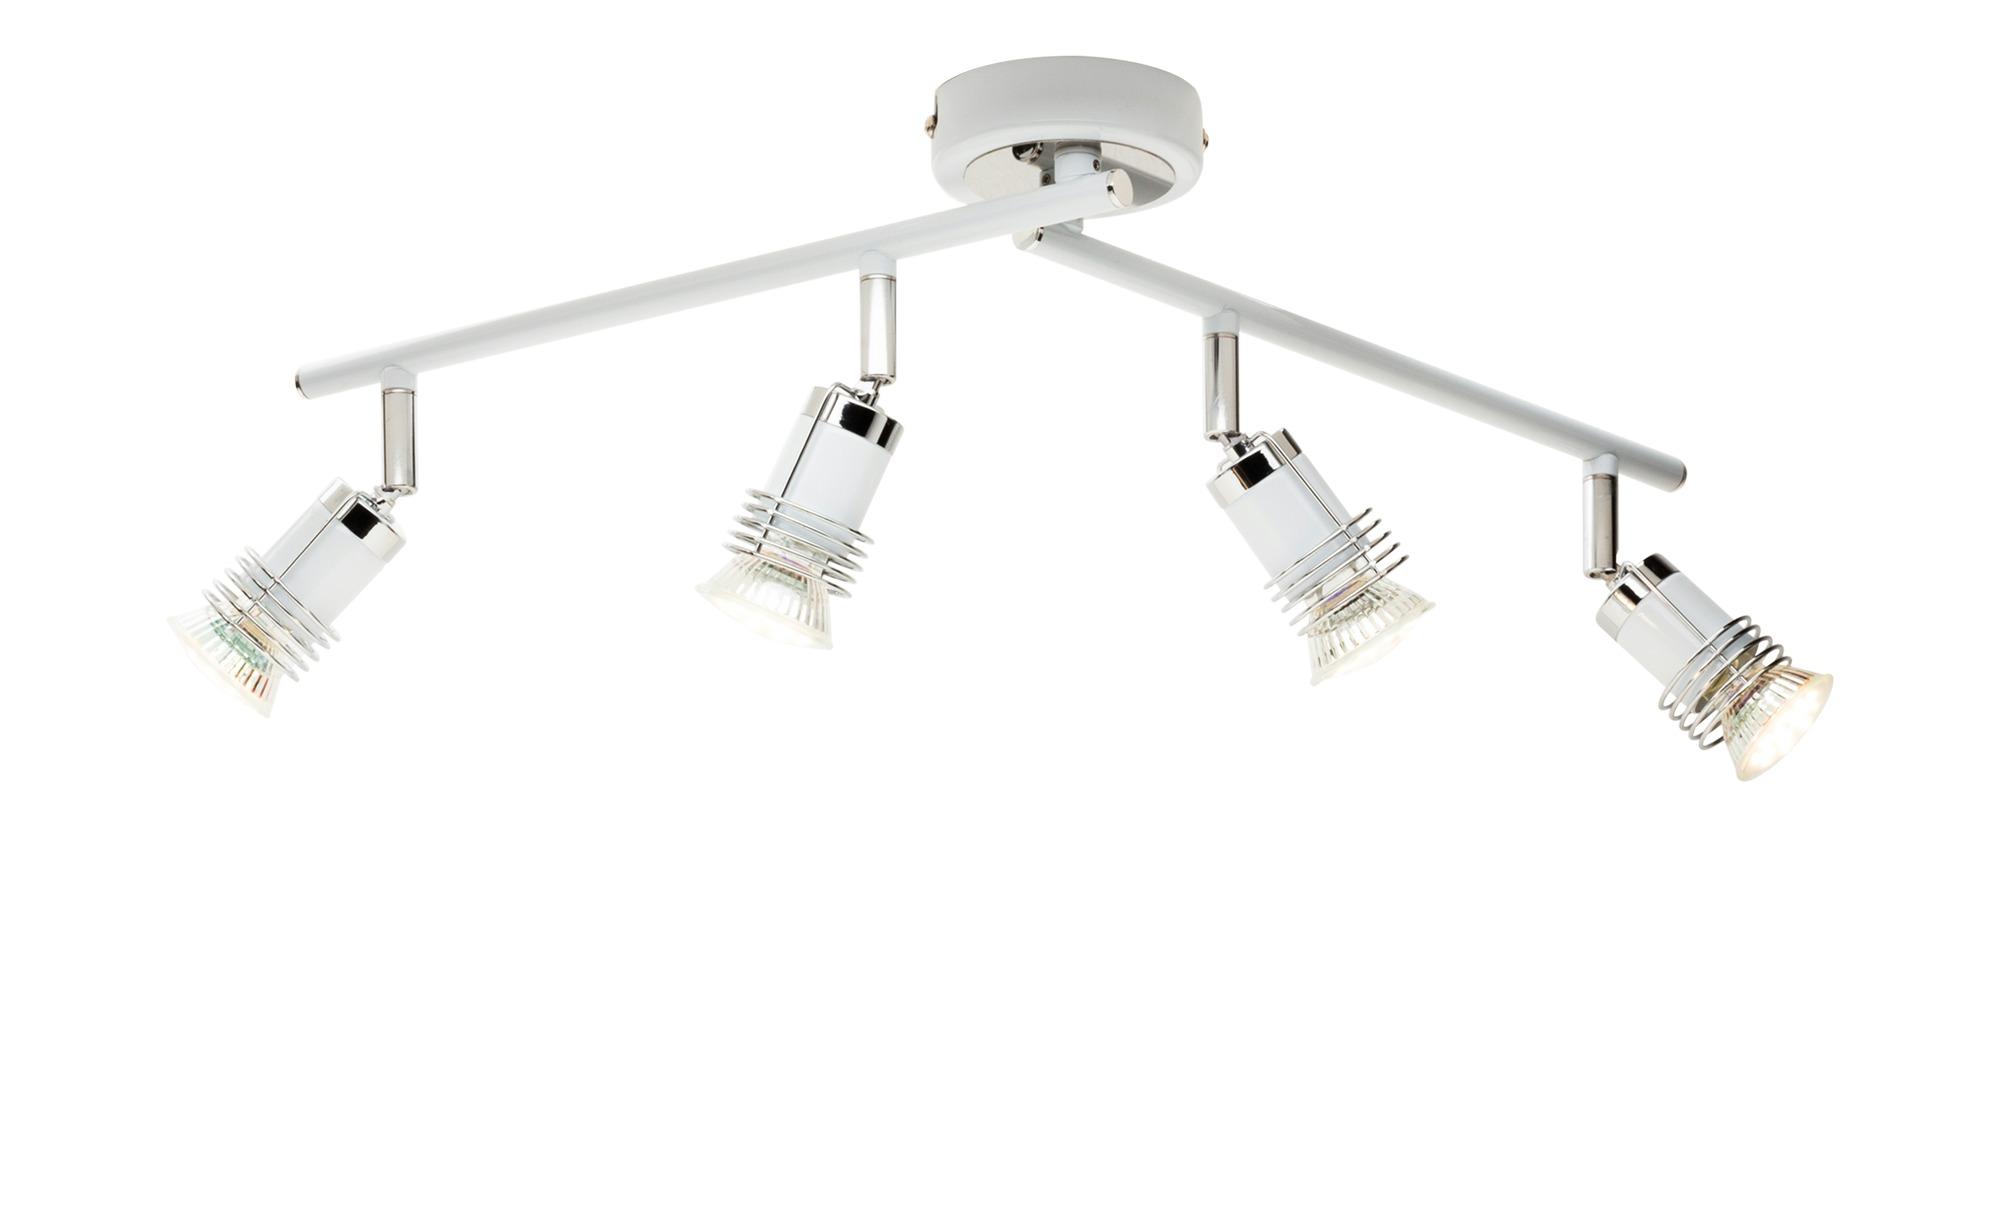 KHG LED-Deckenstrahler mit beweglichen Armen ¦ weiß ¦ Maße (cm): B: 18 H: 17,4 Lampen & Leuchten > LED-Leuchten > LED-Strahler & Spots - Höffner